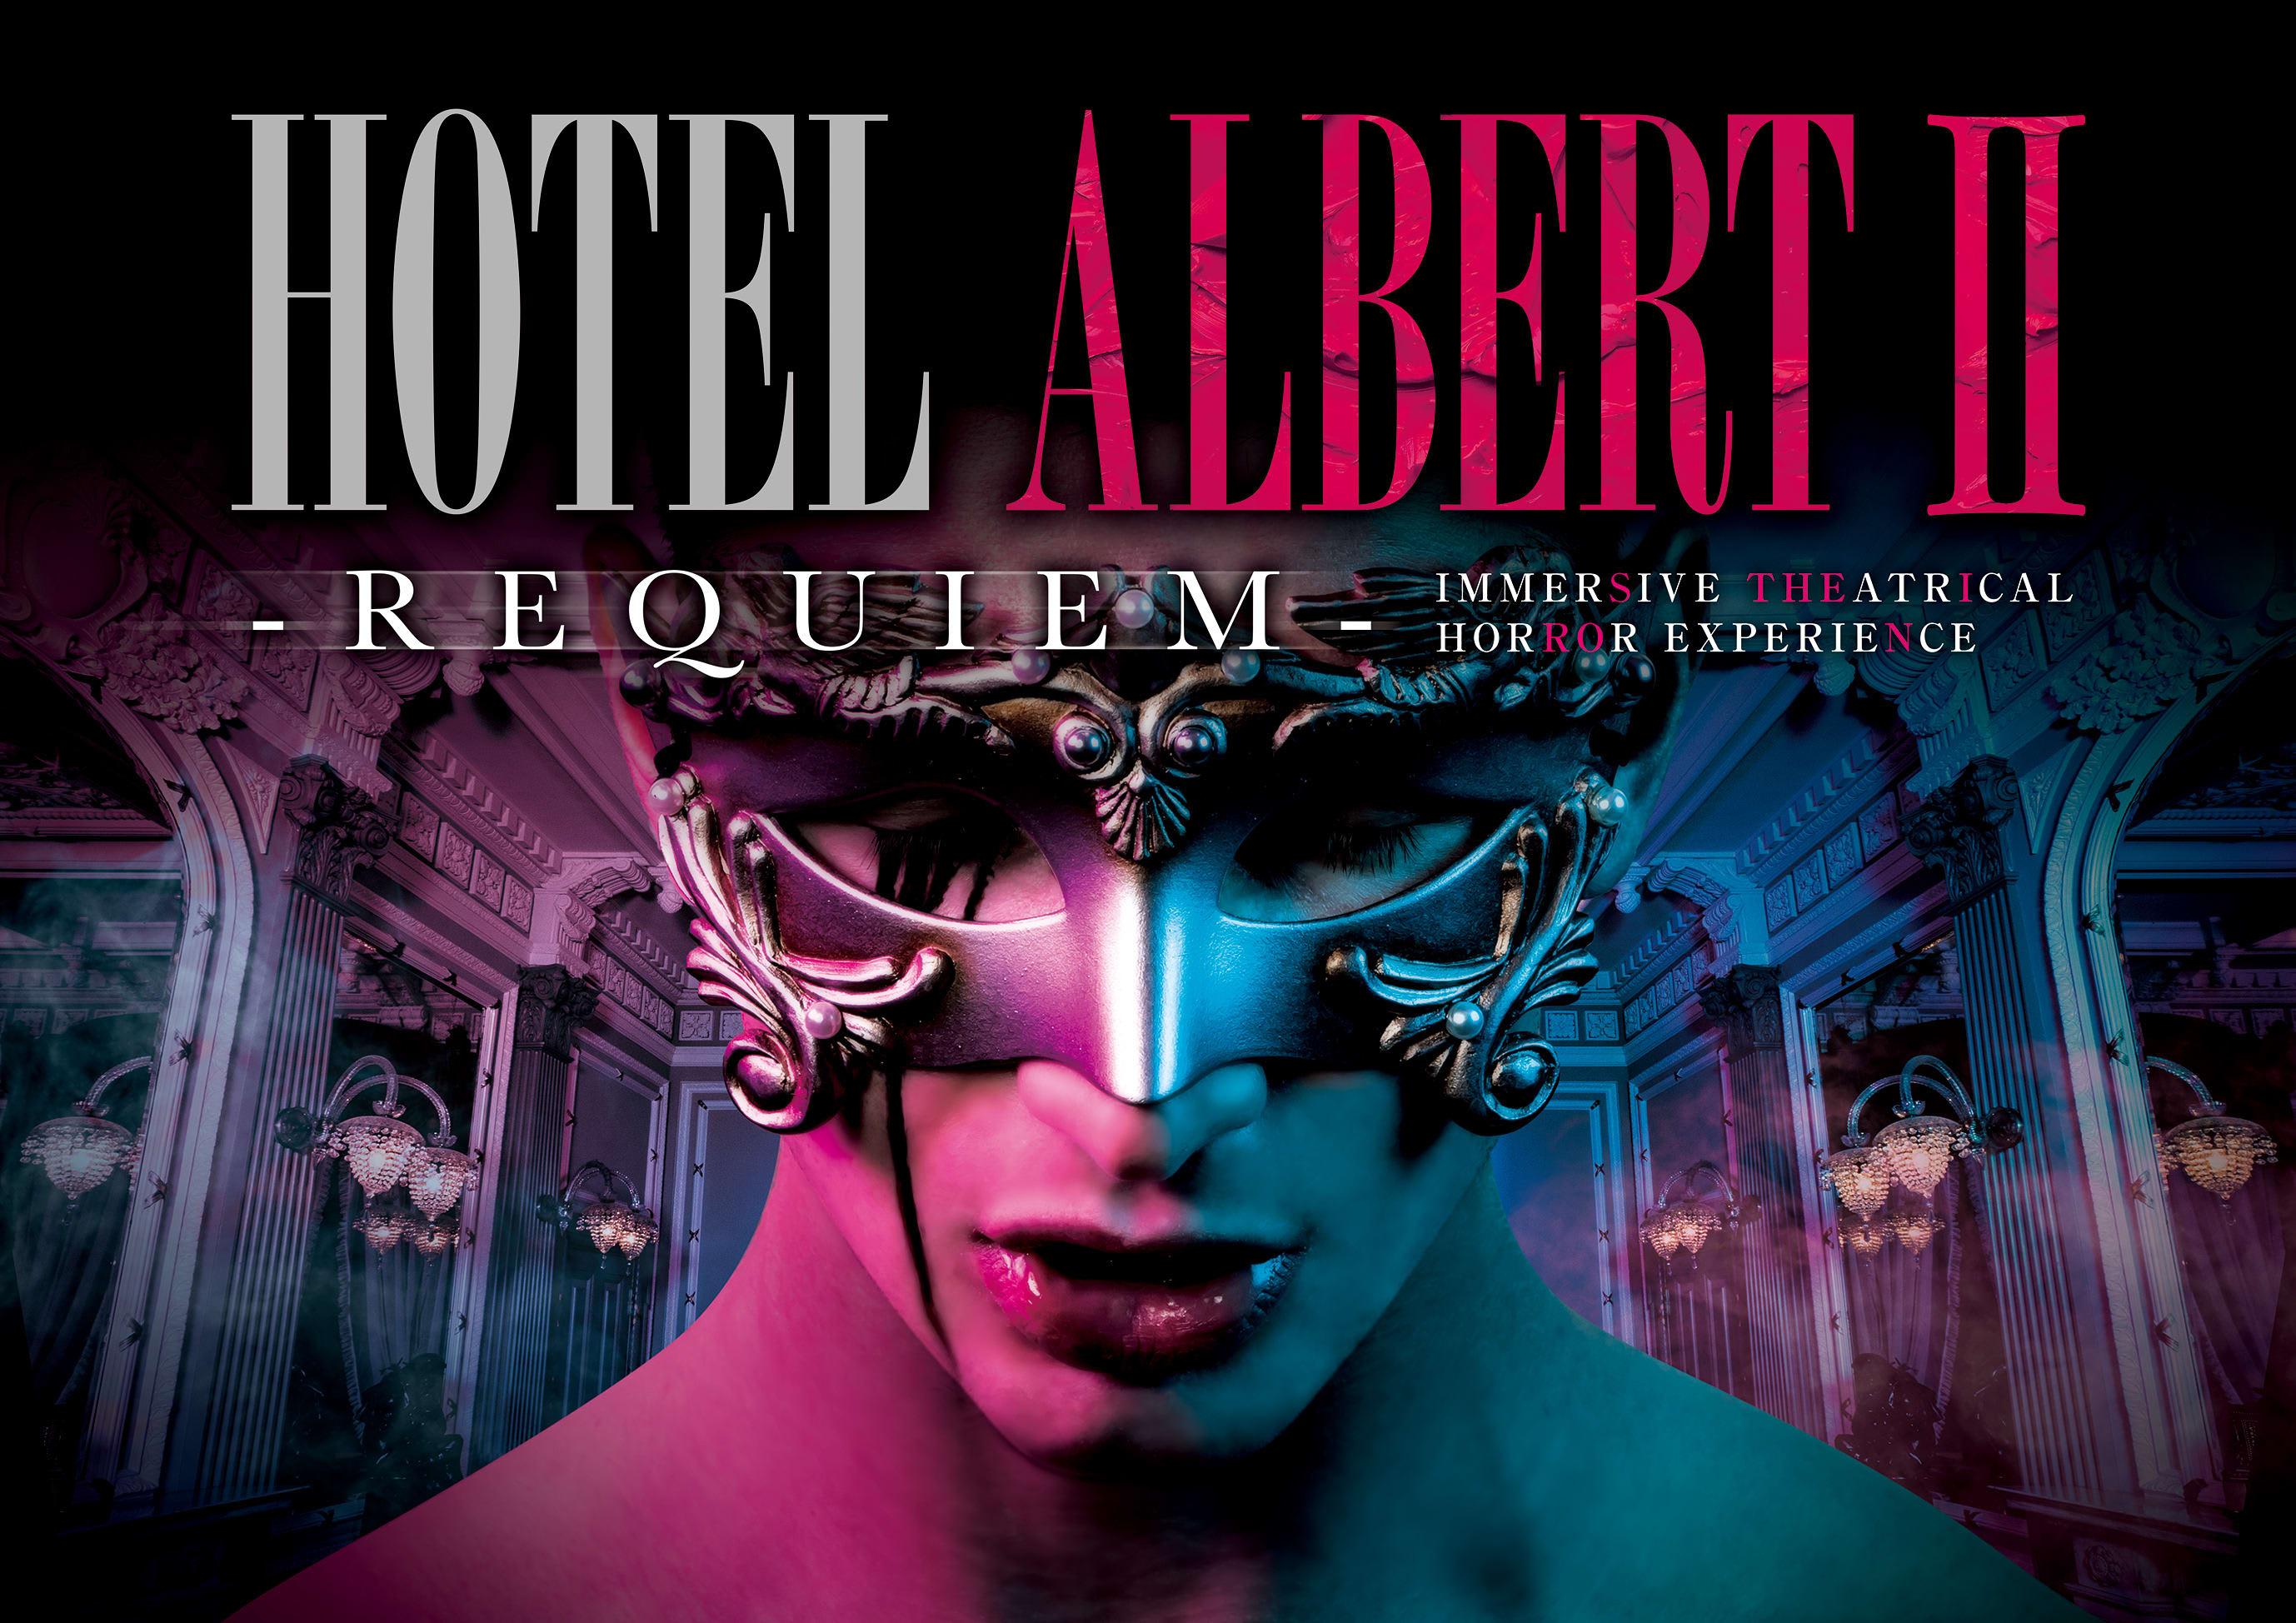 Hotel Albert II - REQUIEM -